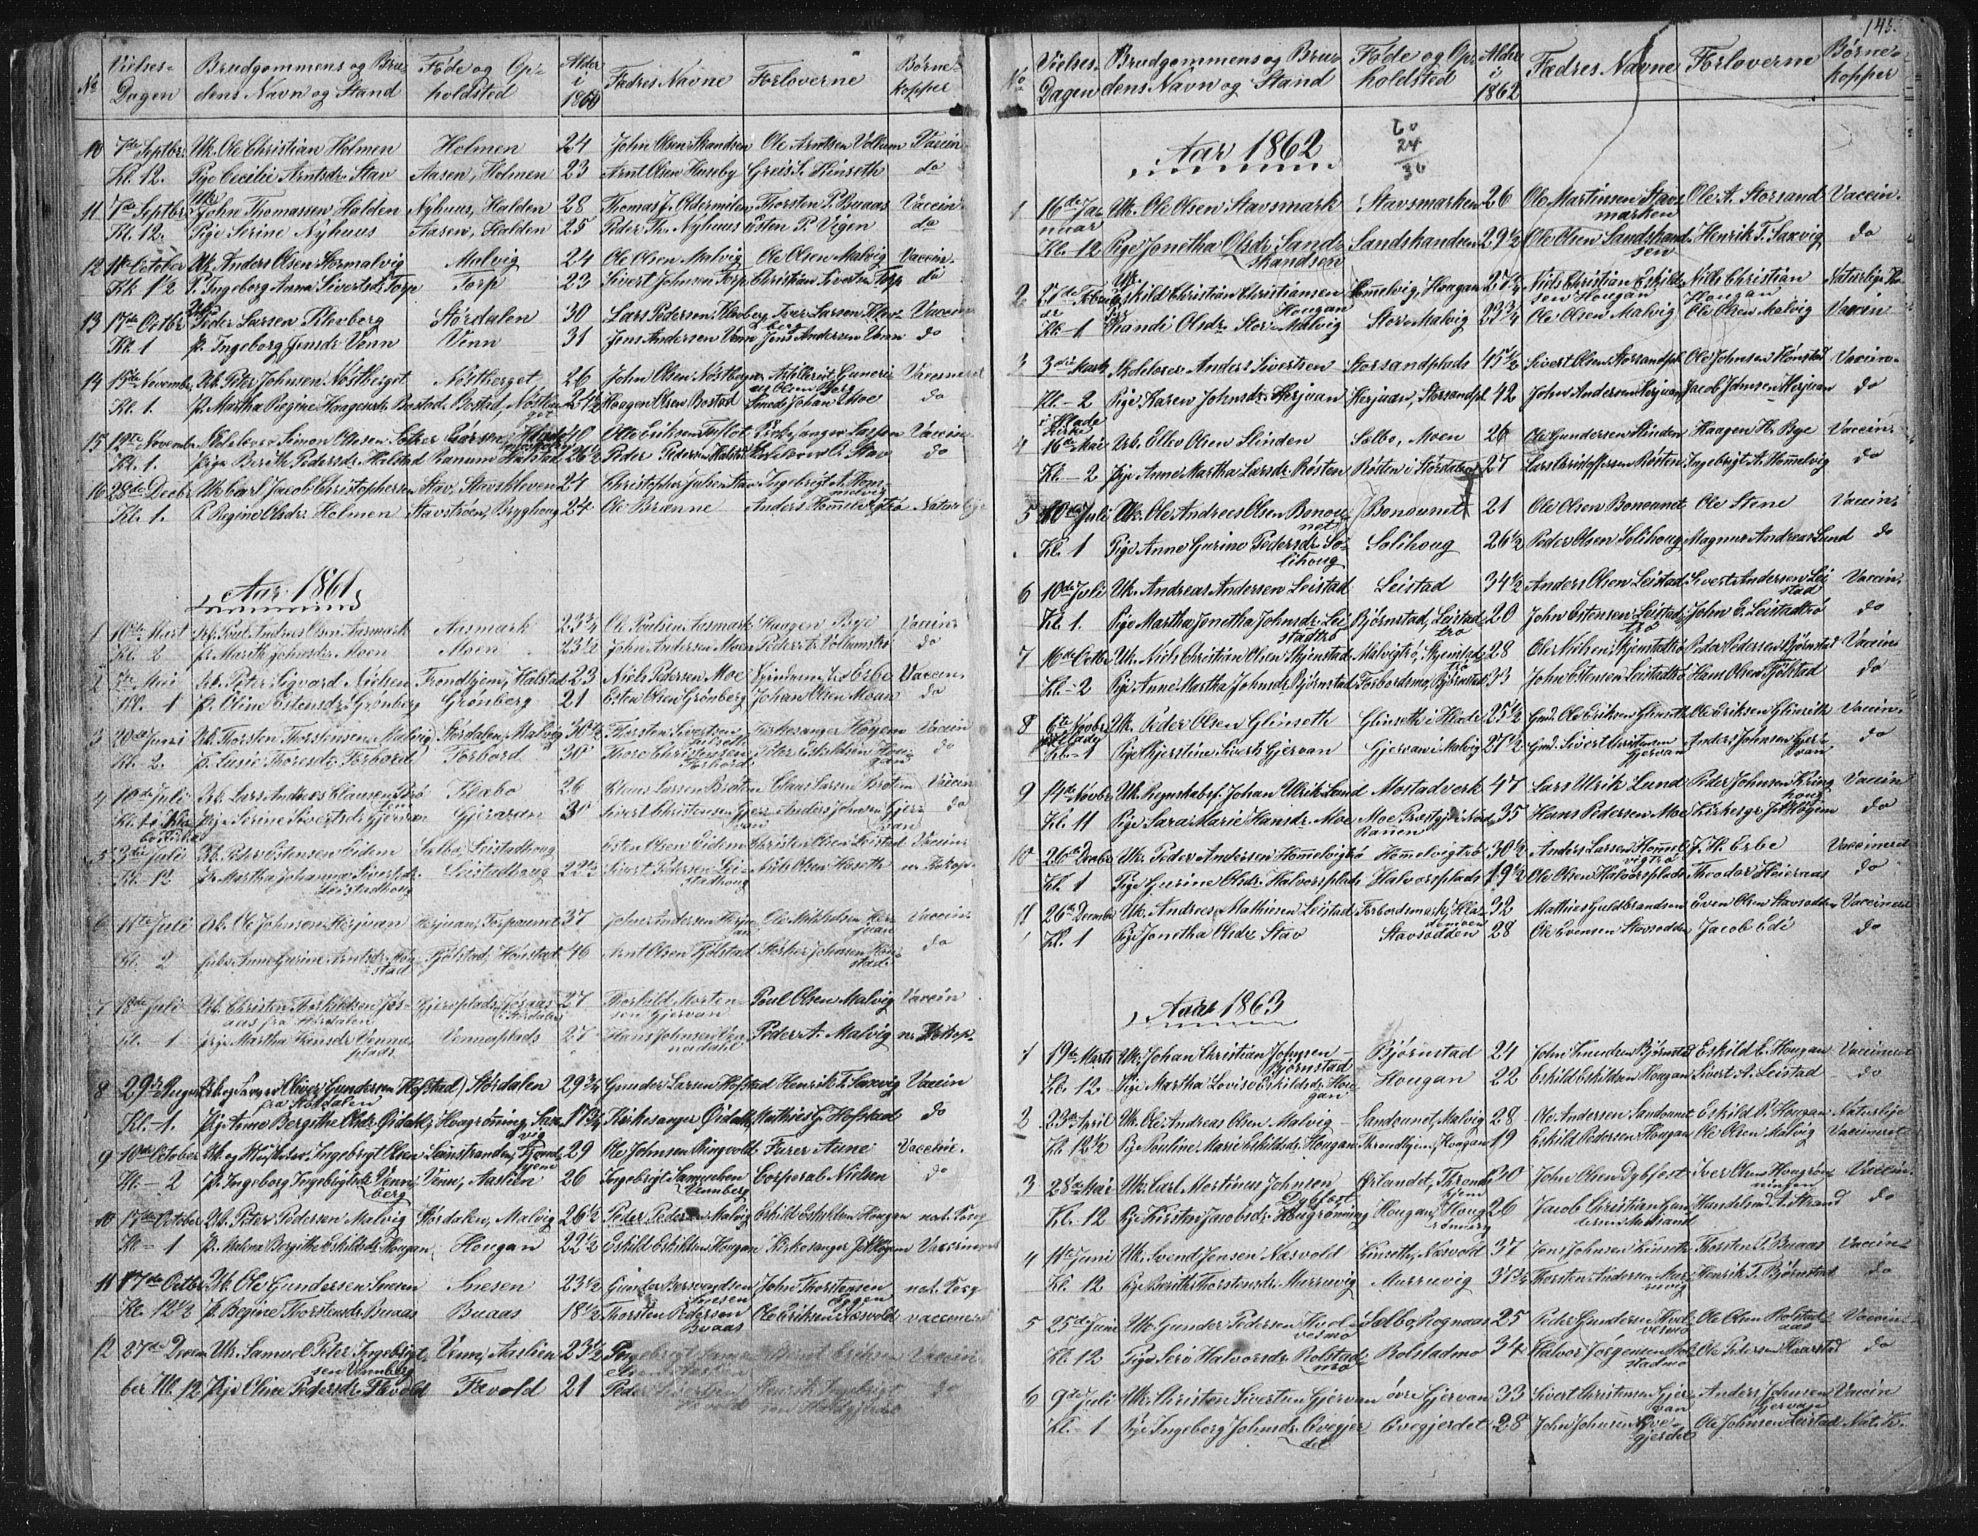 SAT, Ministerialprotokoller, klokkerbøker og fødselsregistre - Sør-Trøndelag, 616/L0406: Ministerialbok nr. 616A03, 1843-1879, s. 145